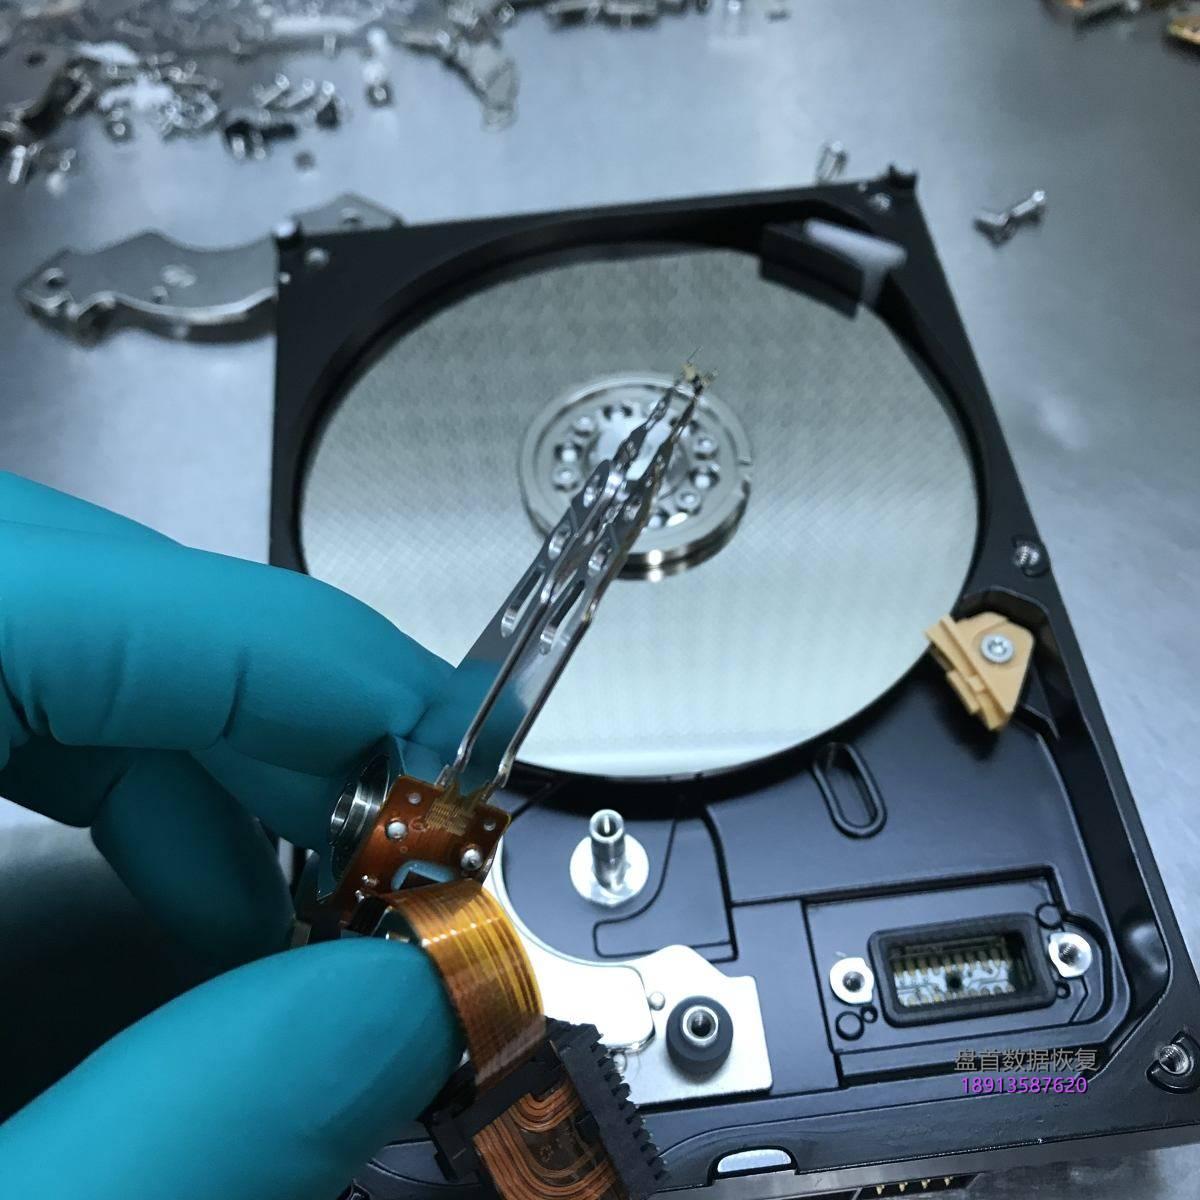 电脑主机箱被踢倒了导致WD3200AAJS台式机硬盘损坏进行开盘数据恢复成功